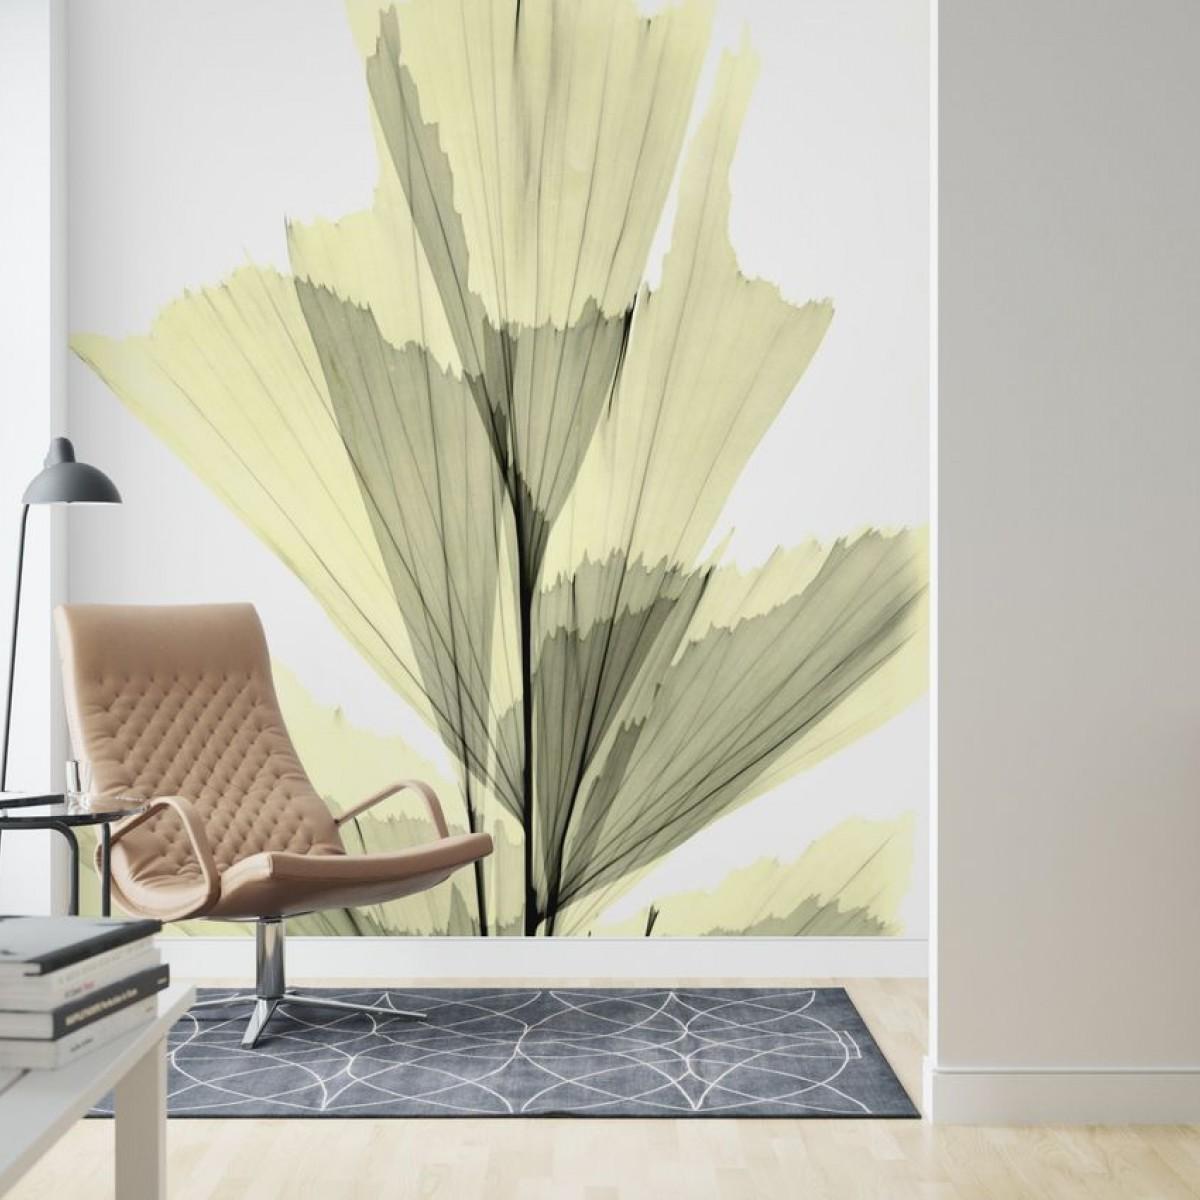 Fototapet Fish tail palm, personalizat, Photowall